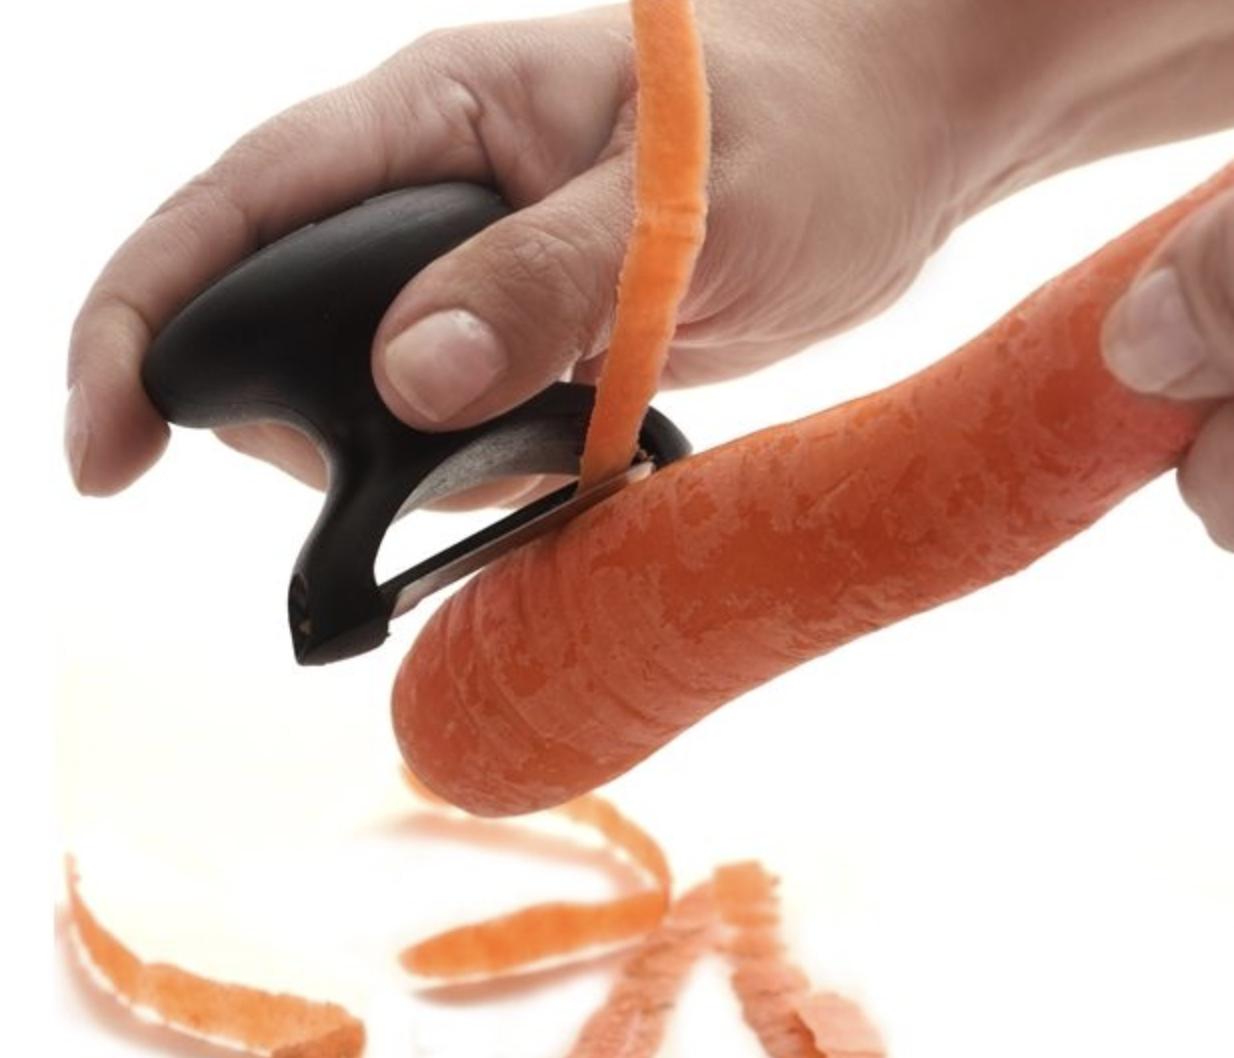 Grip EZ Handy Peeler